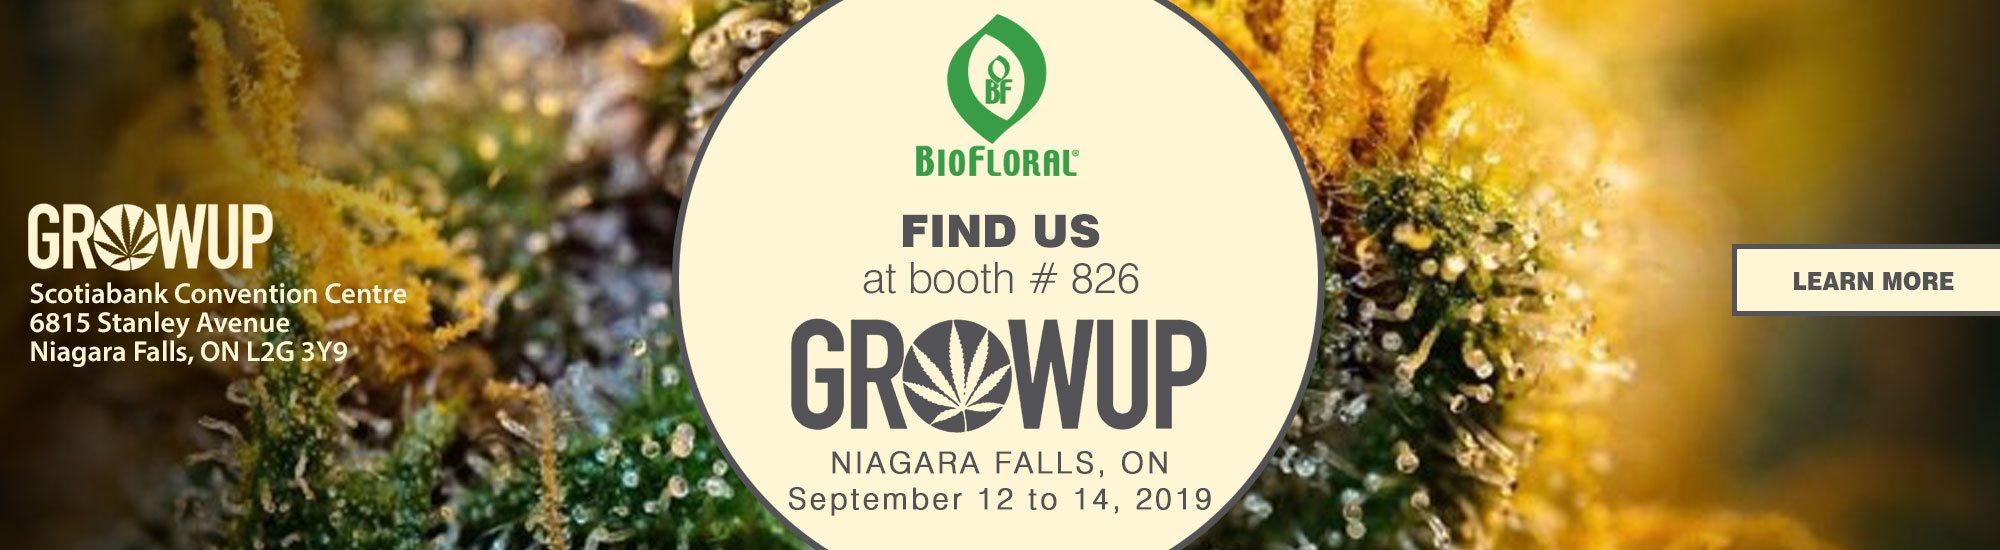 Meet us at GROW UP Niagara Falls